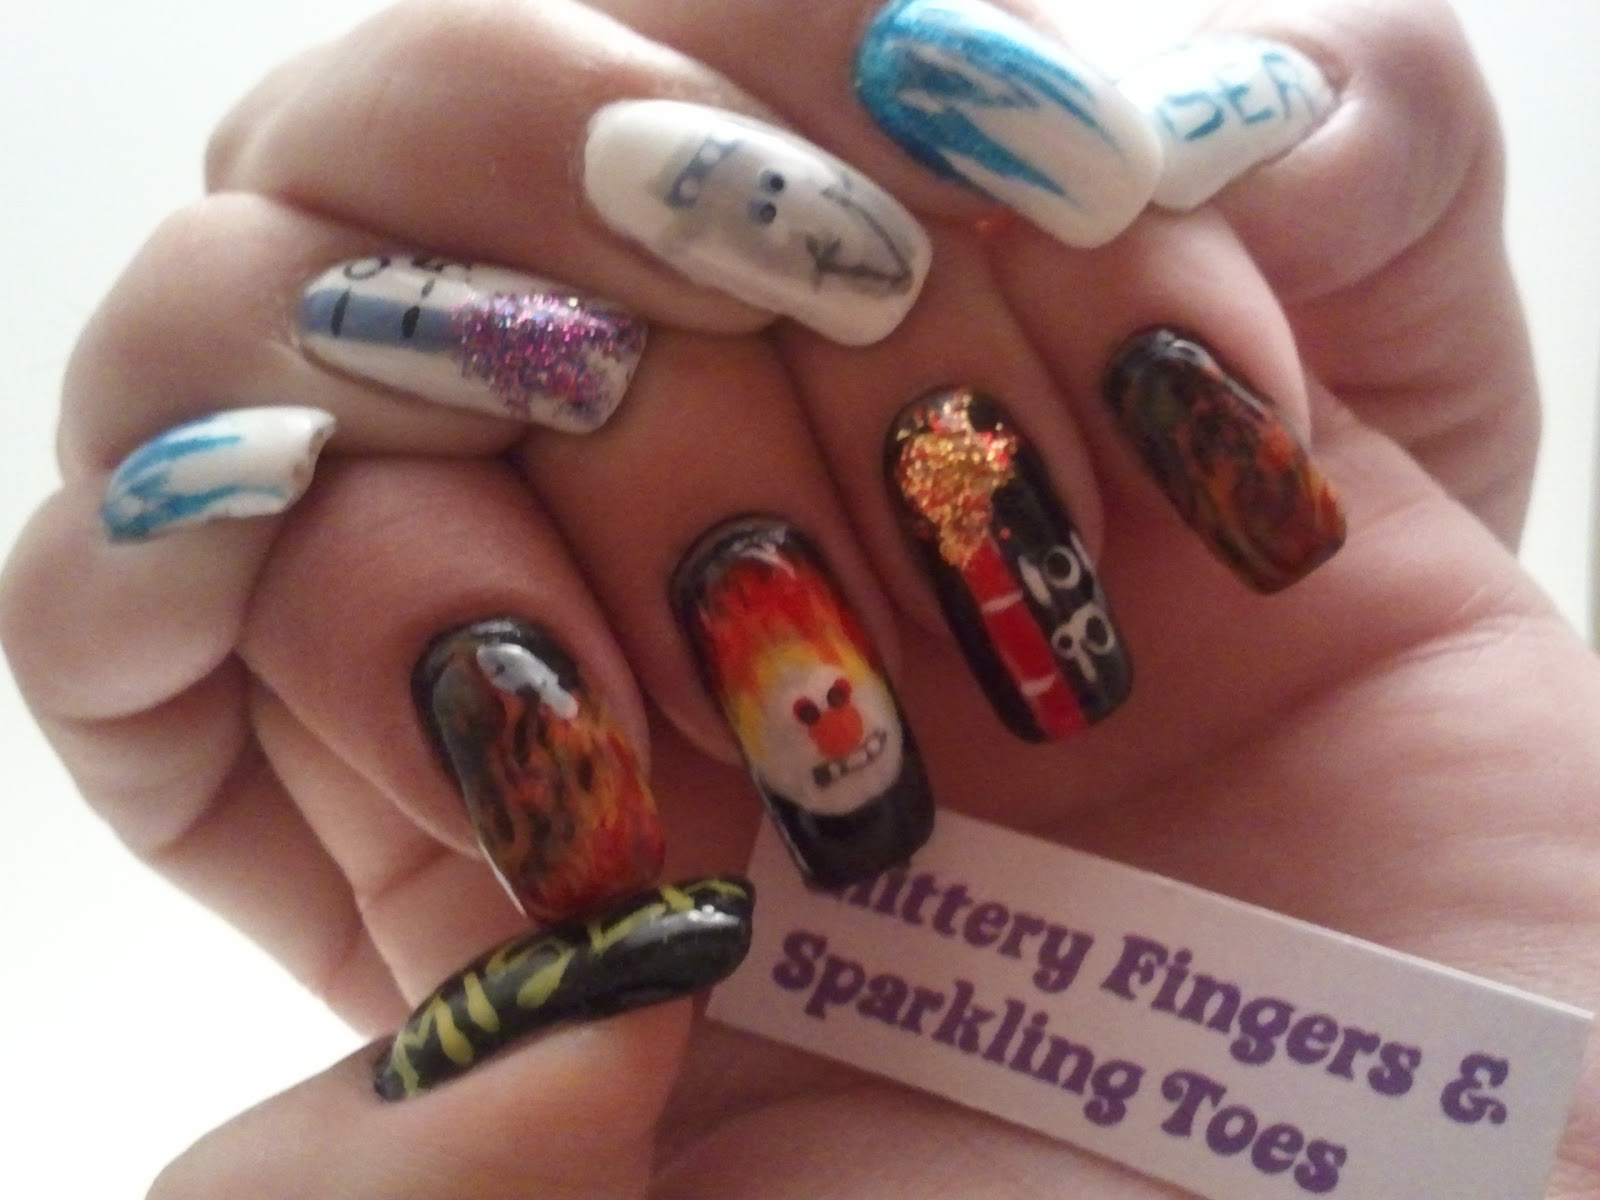 Glittery Fingers Amp Sparkling Toes Mr Heat Miser Amp Mr